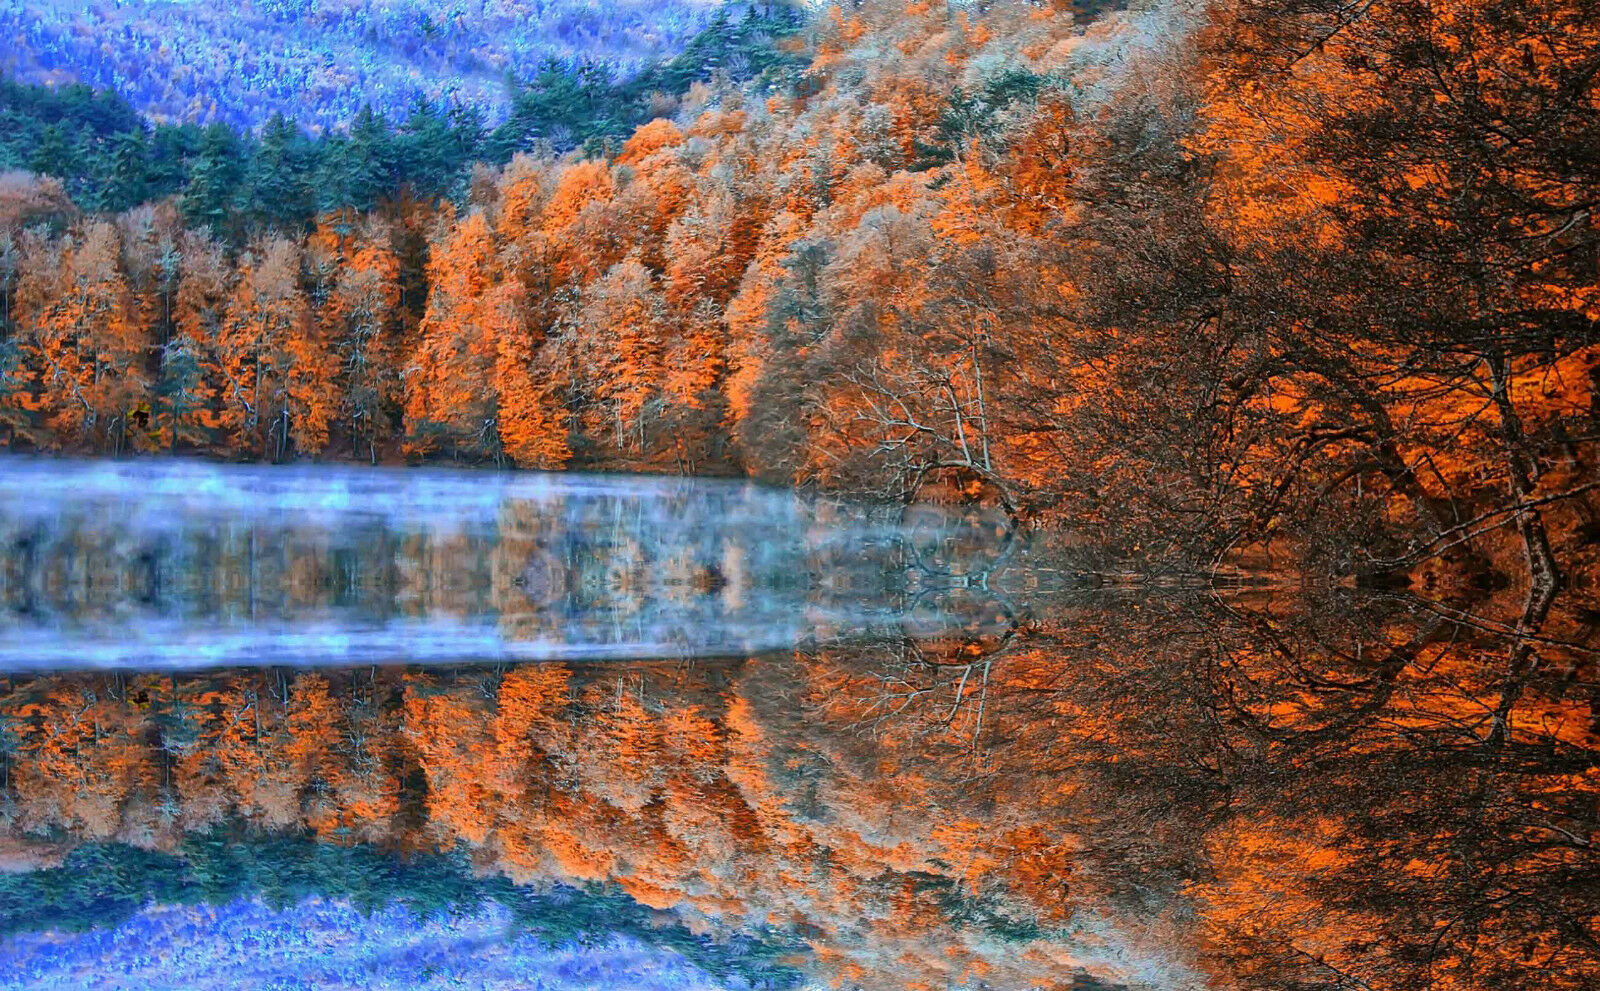 3D Lac Forêt Montagnes 345 Décor Mural FR Murale De Mur De Cuisine AJ WALLPAPER FR Mural 806a64